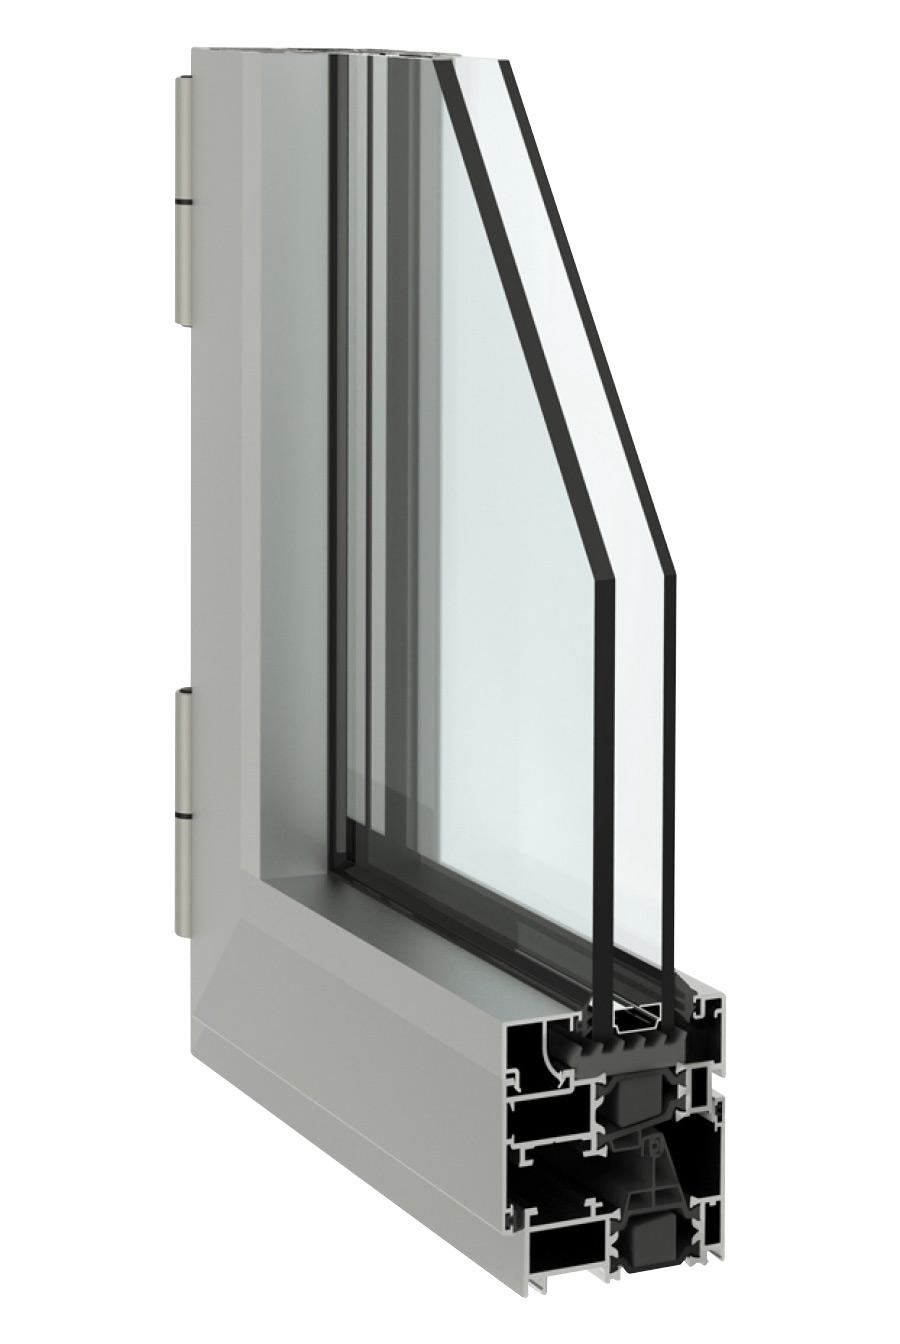 Cambiare Colore Infissi Alluminio vendita infissi bollate pvc, alluminio, legno alluminio